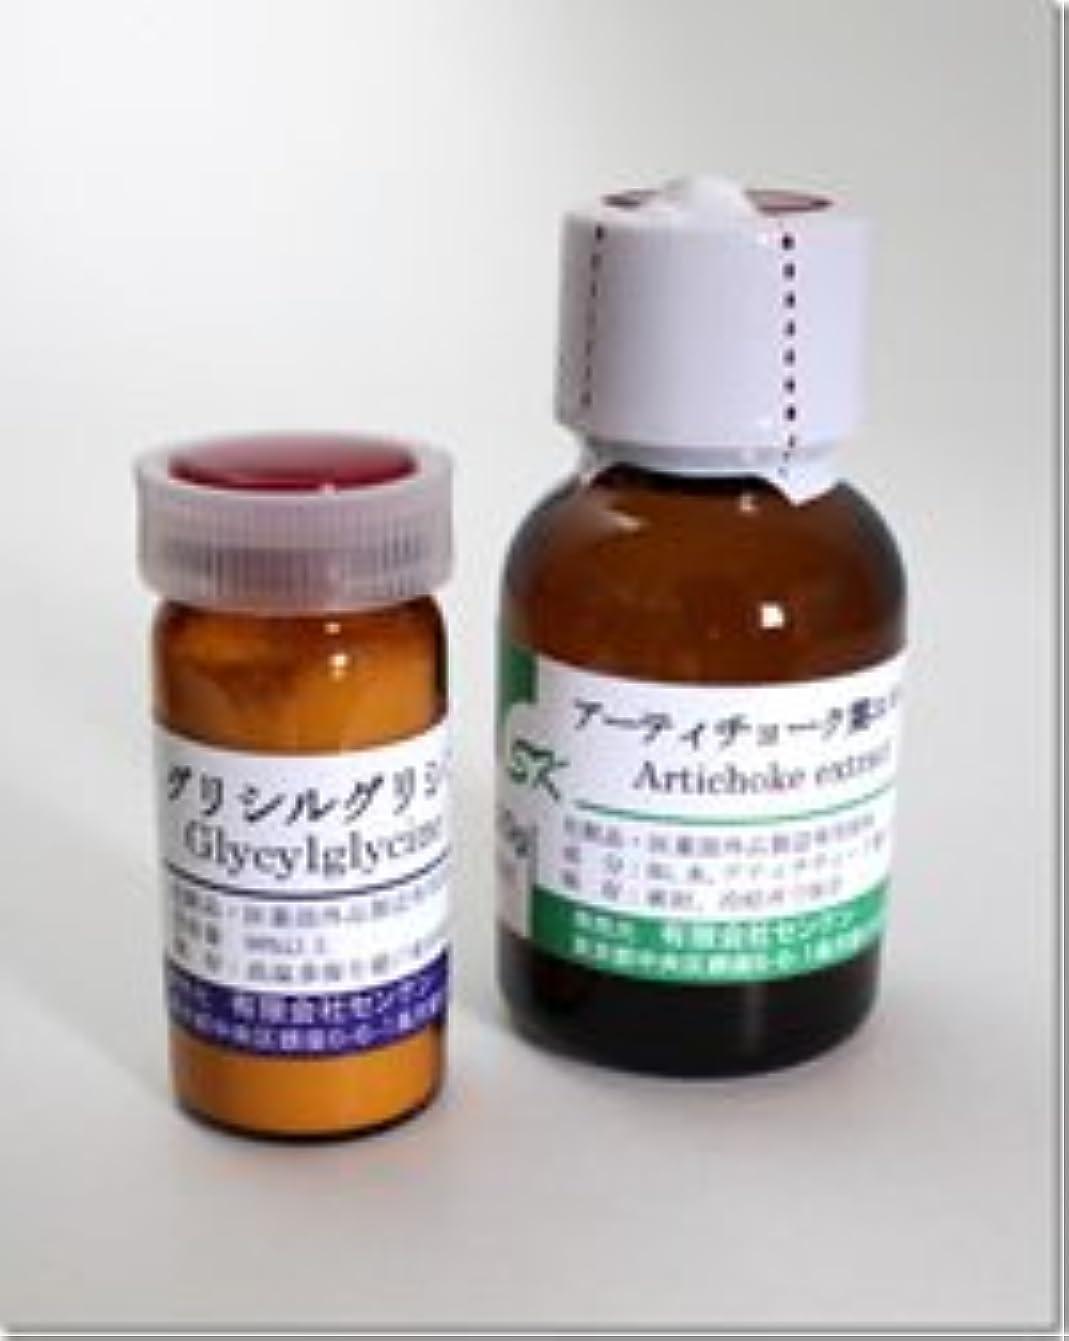 収縮食い違い値するアーティチョーク葉エキス20gとグリシルグリシン4g